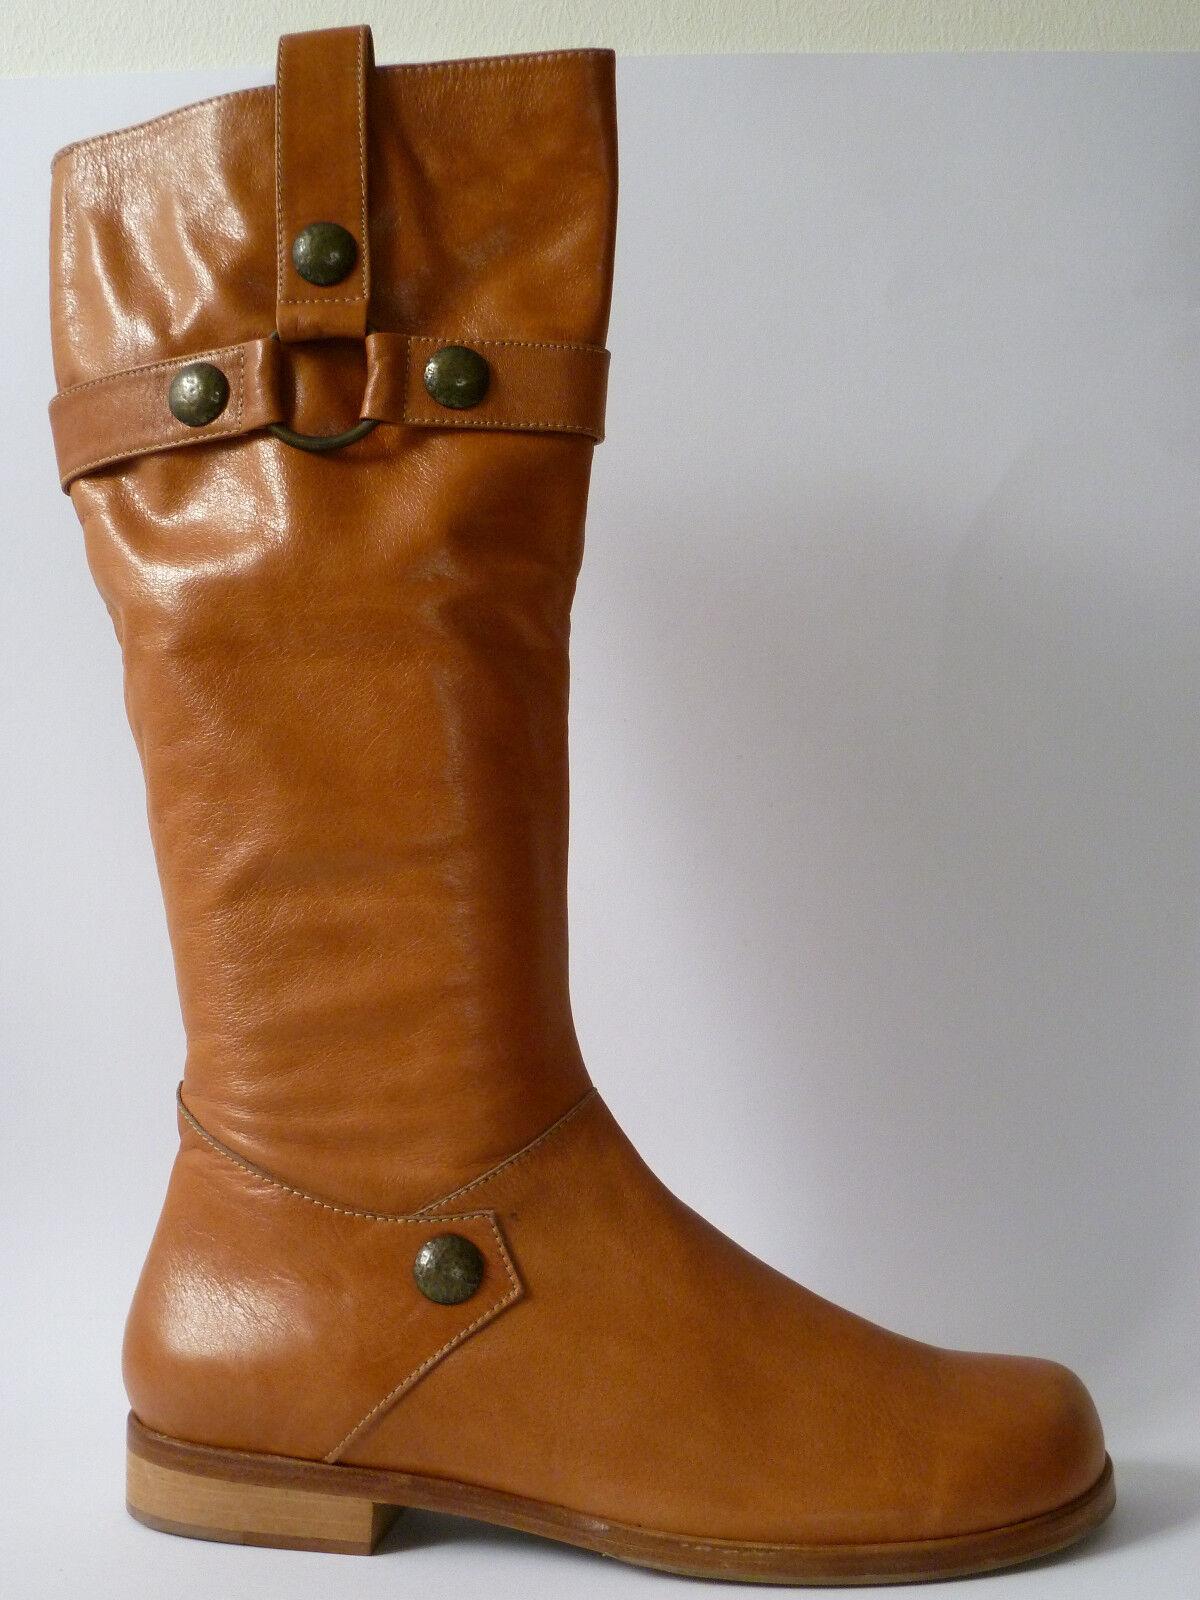 Footprints loano Birkenstock FB 42 botas de cuero marrón estrecho nuevo